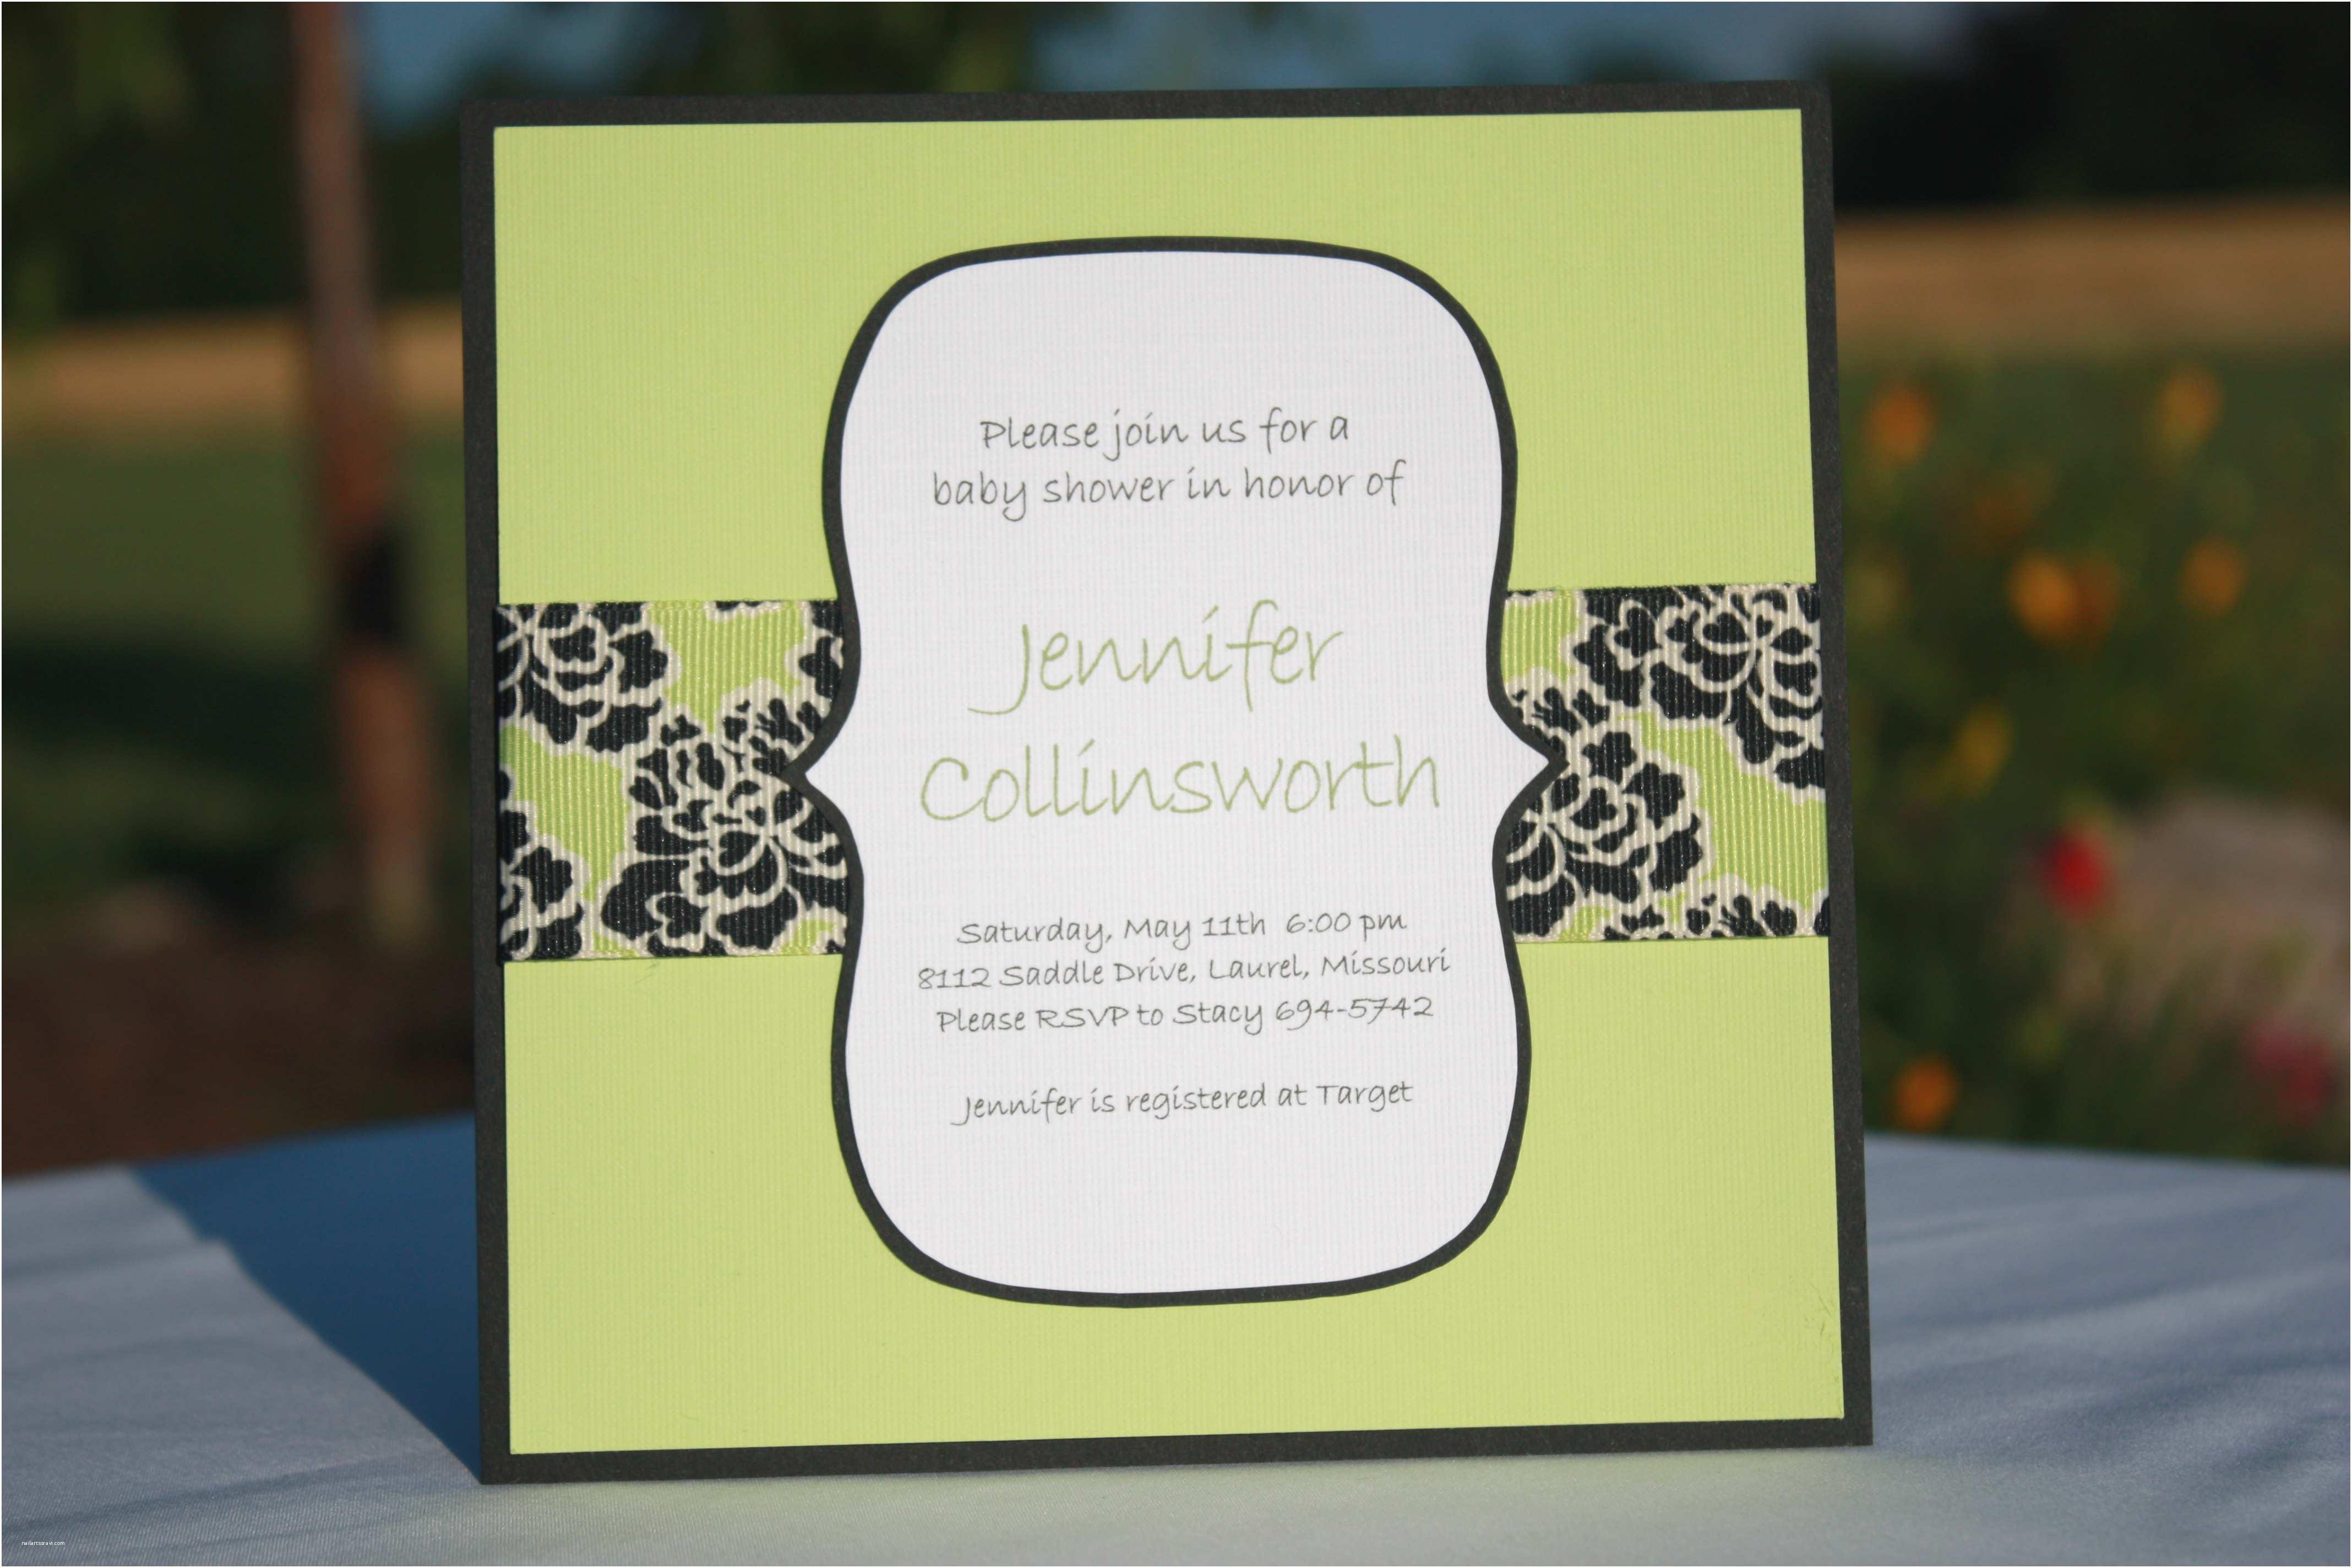 Homemade Baby Shower Invitations Handmade Baby Shower Invitations